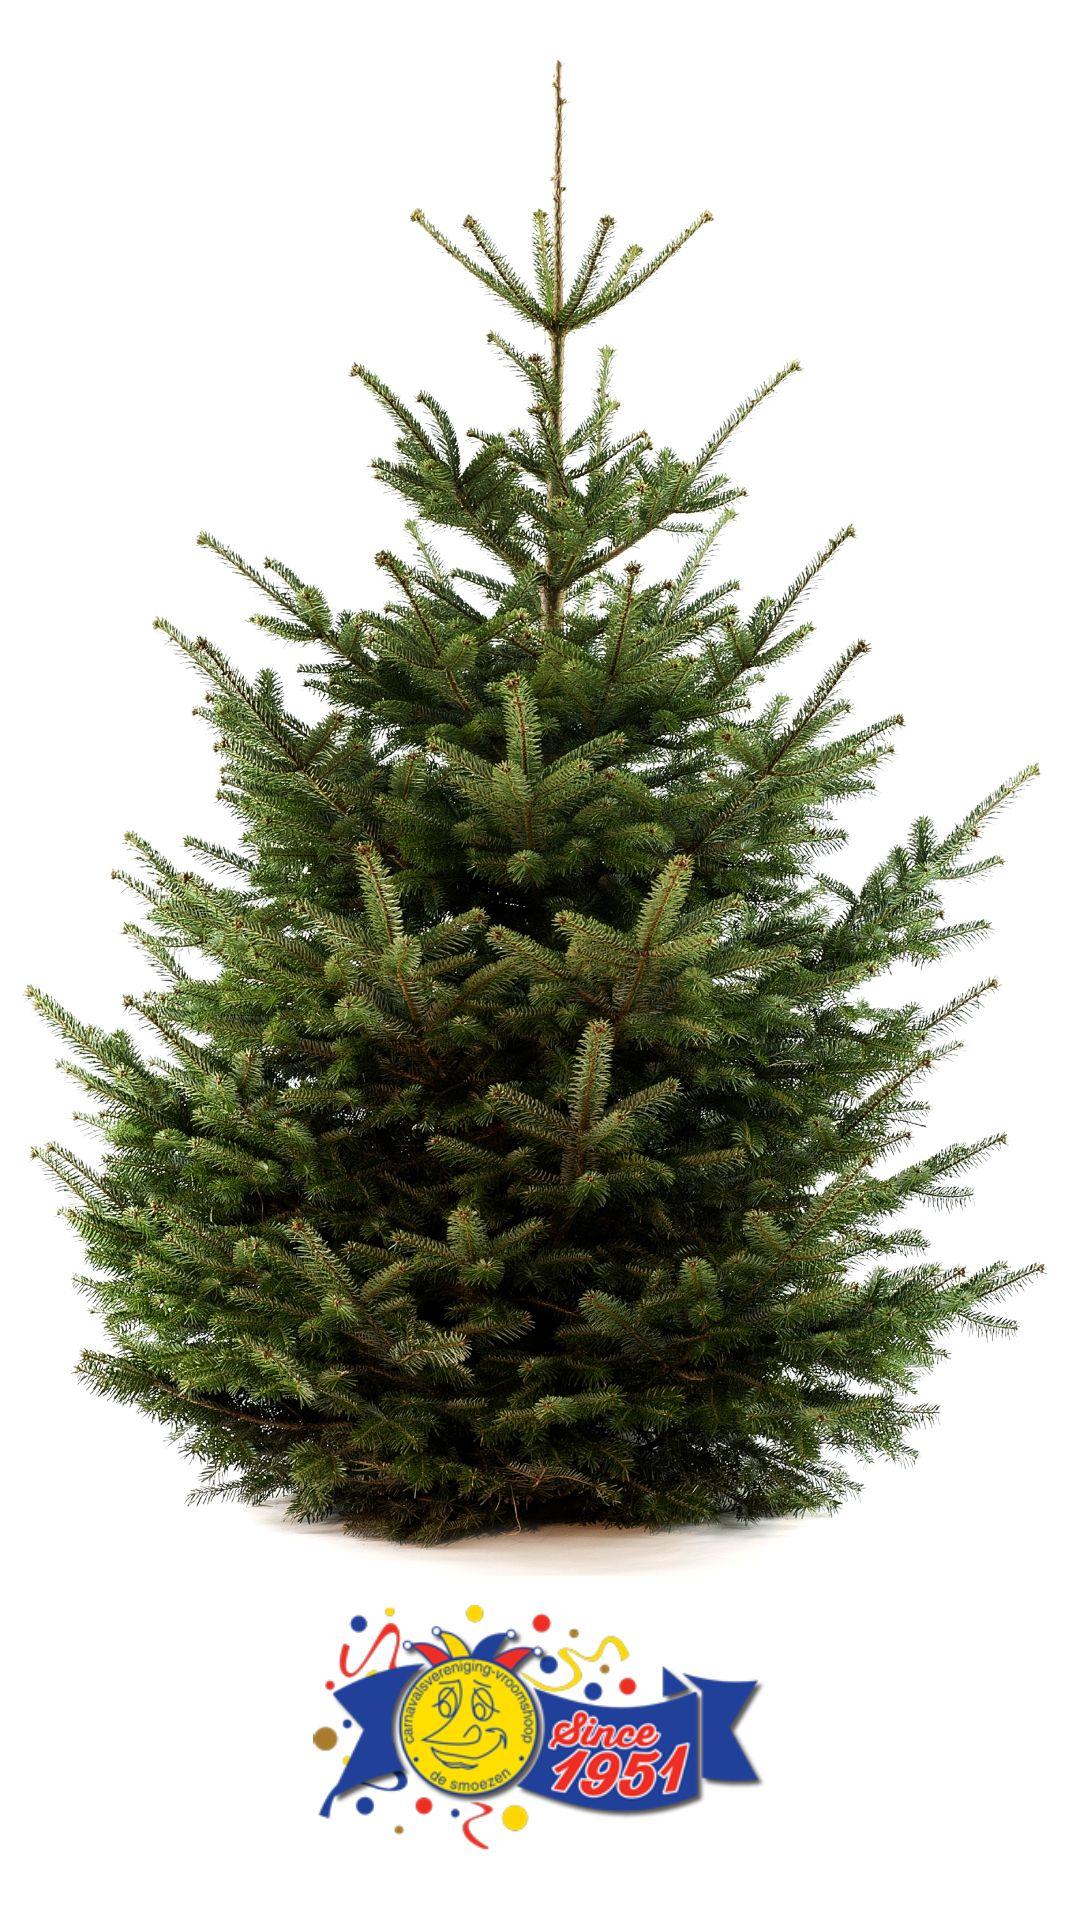 Ophalen Kerstboom C V De Smoezen